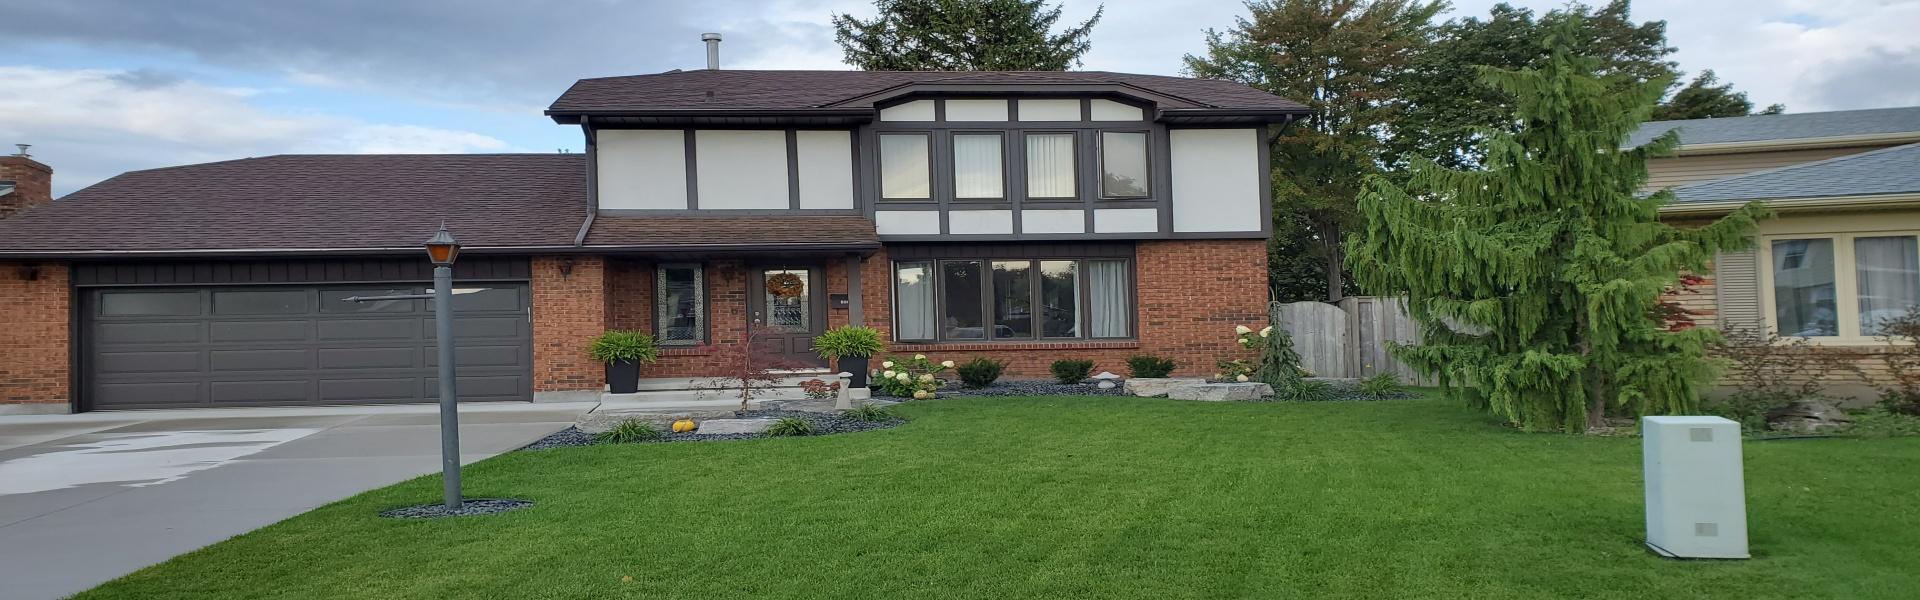 481 Princeton ave,Sarnia,Home,Princeton,1020